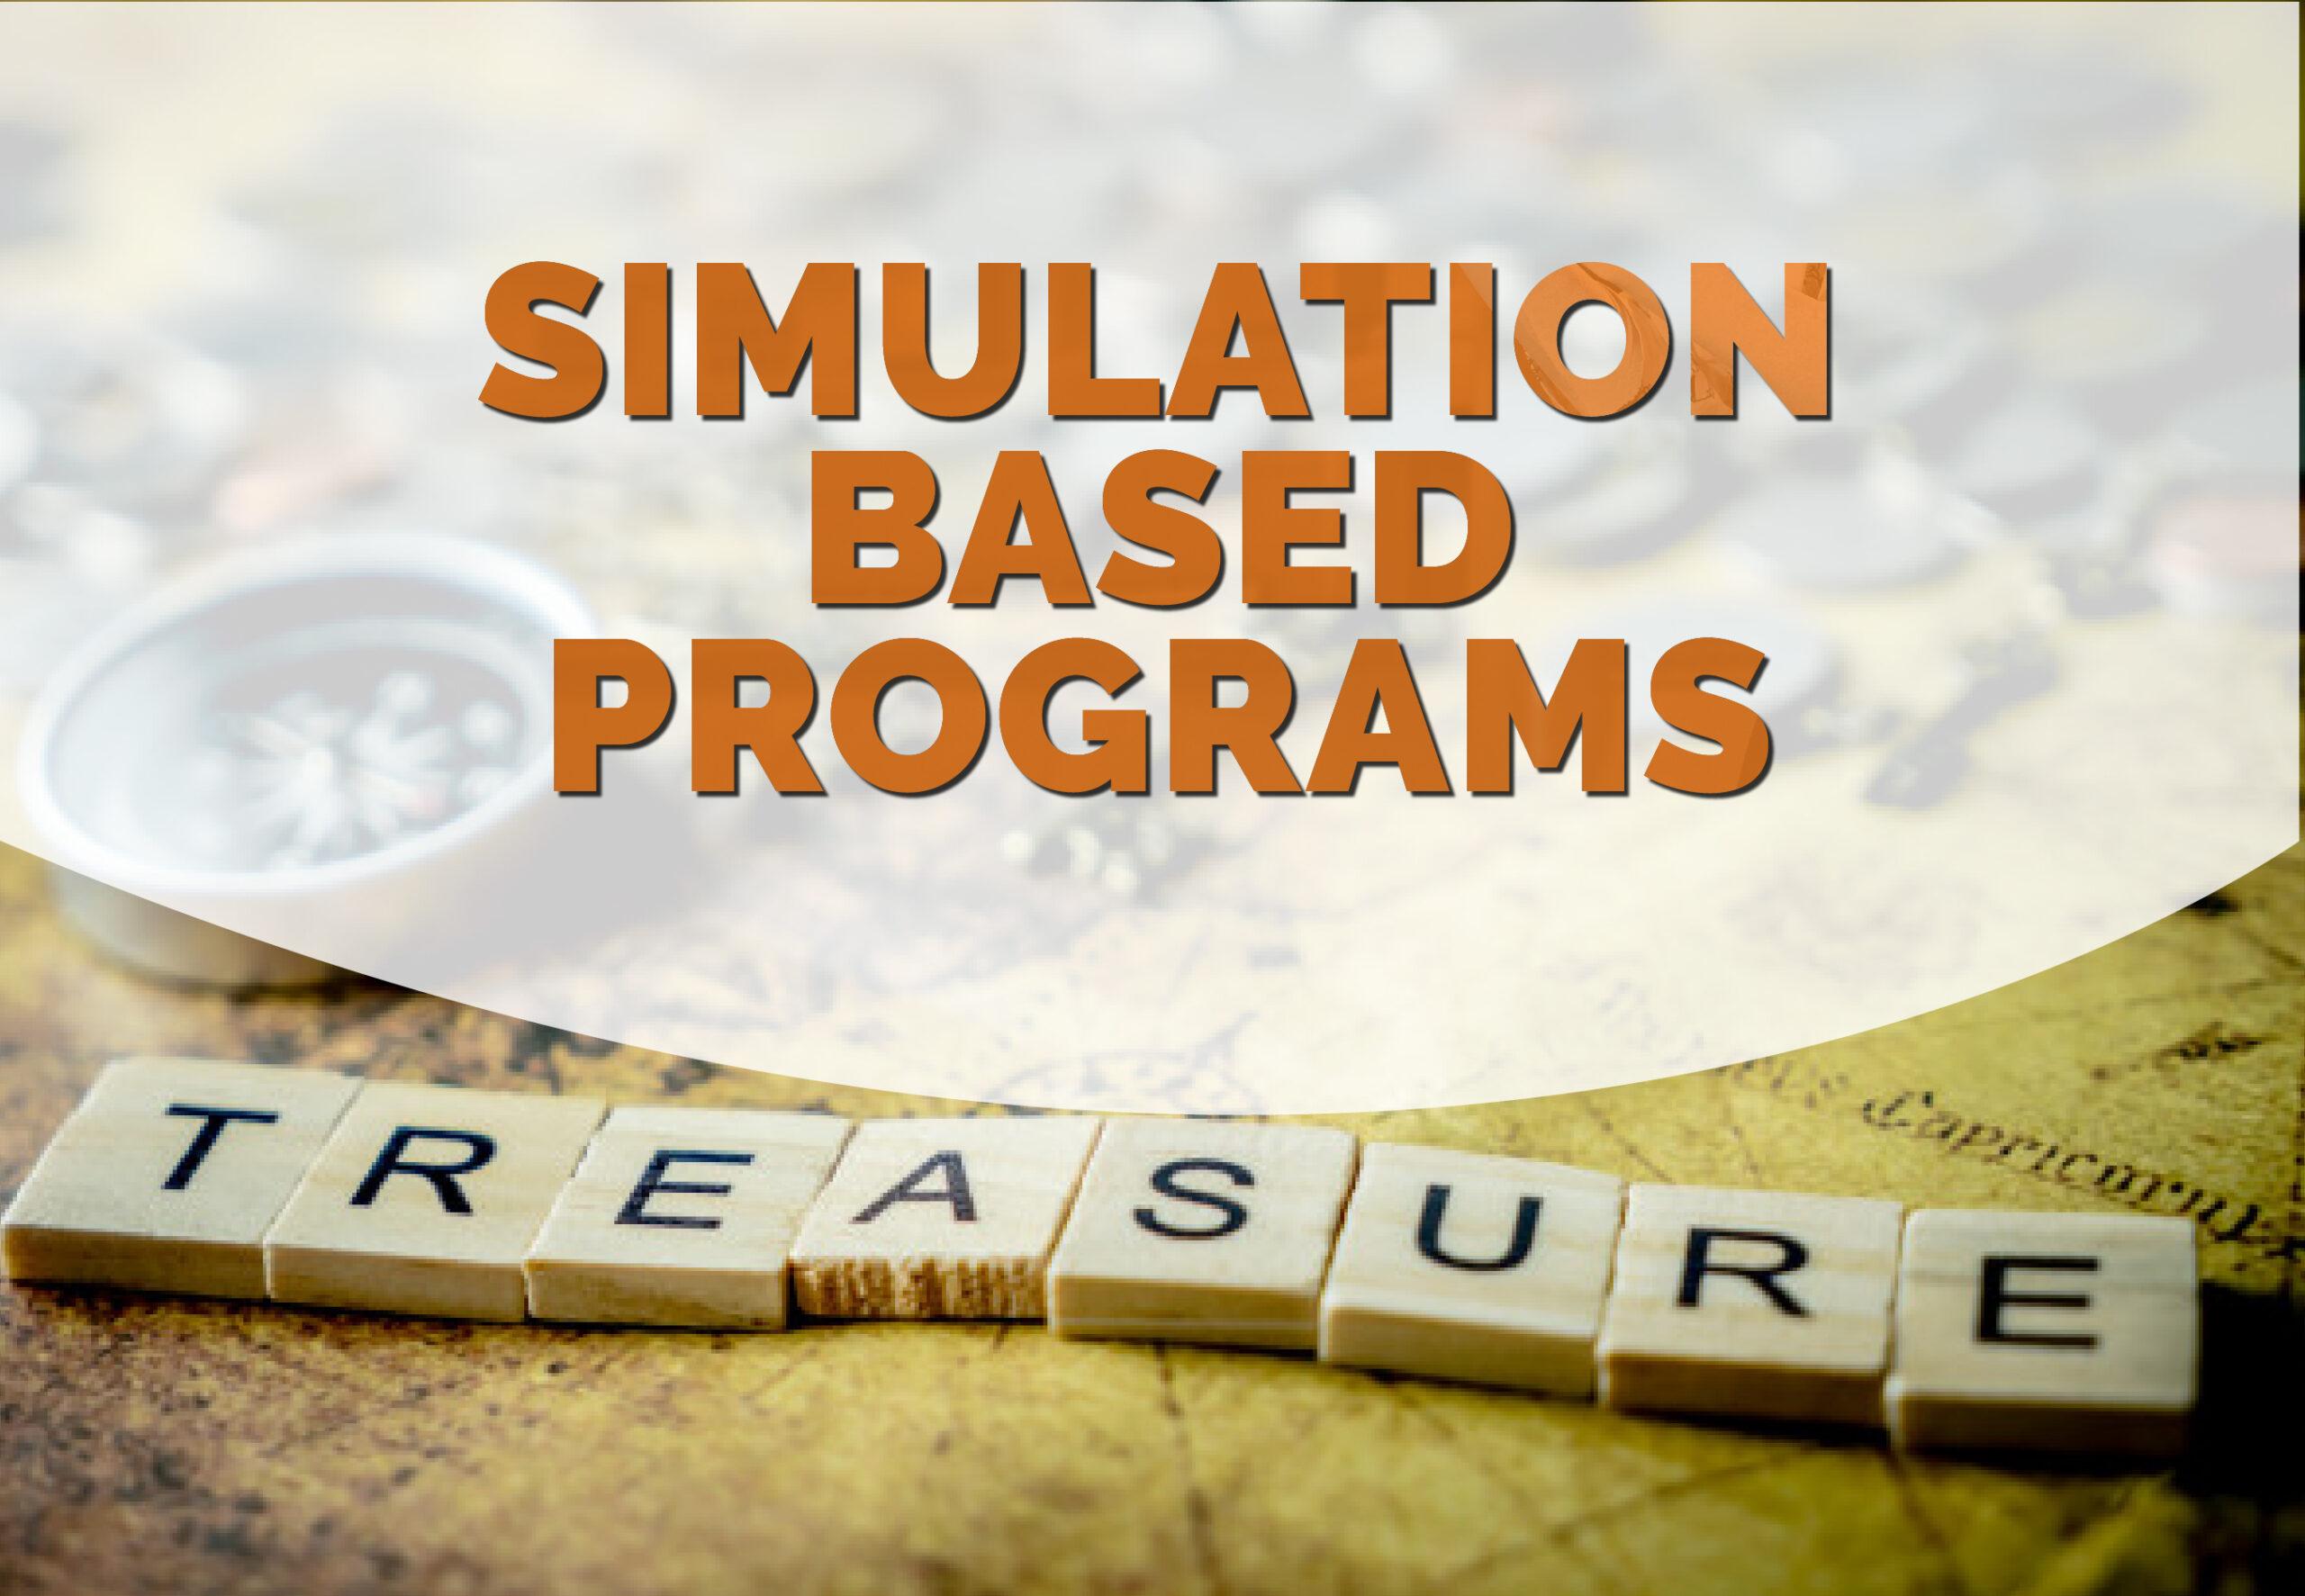 Samulated Based Program